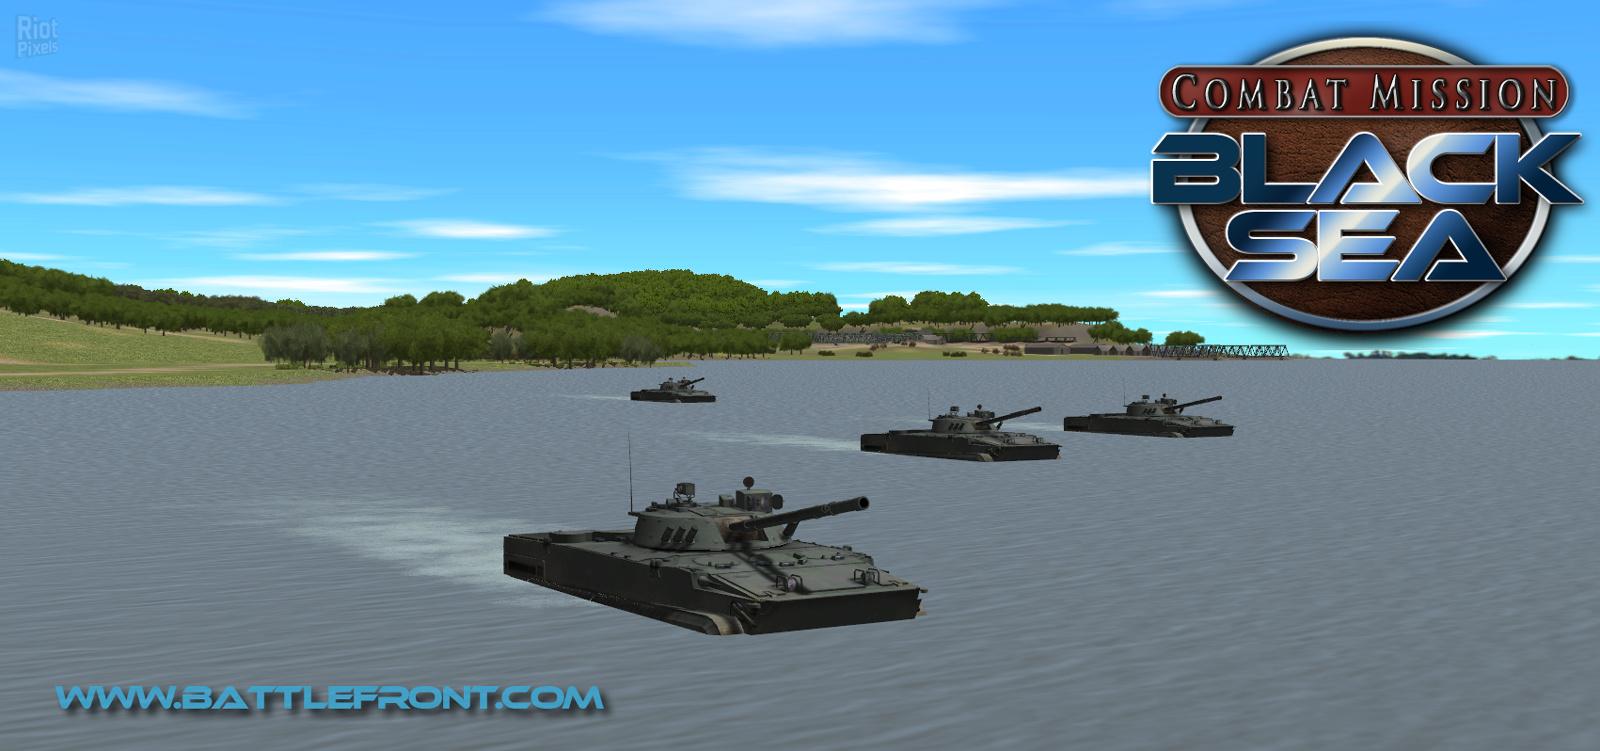 screenshot.combat-mission-black-sea.1600x751.2014-11-06.9.jpg